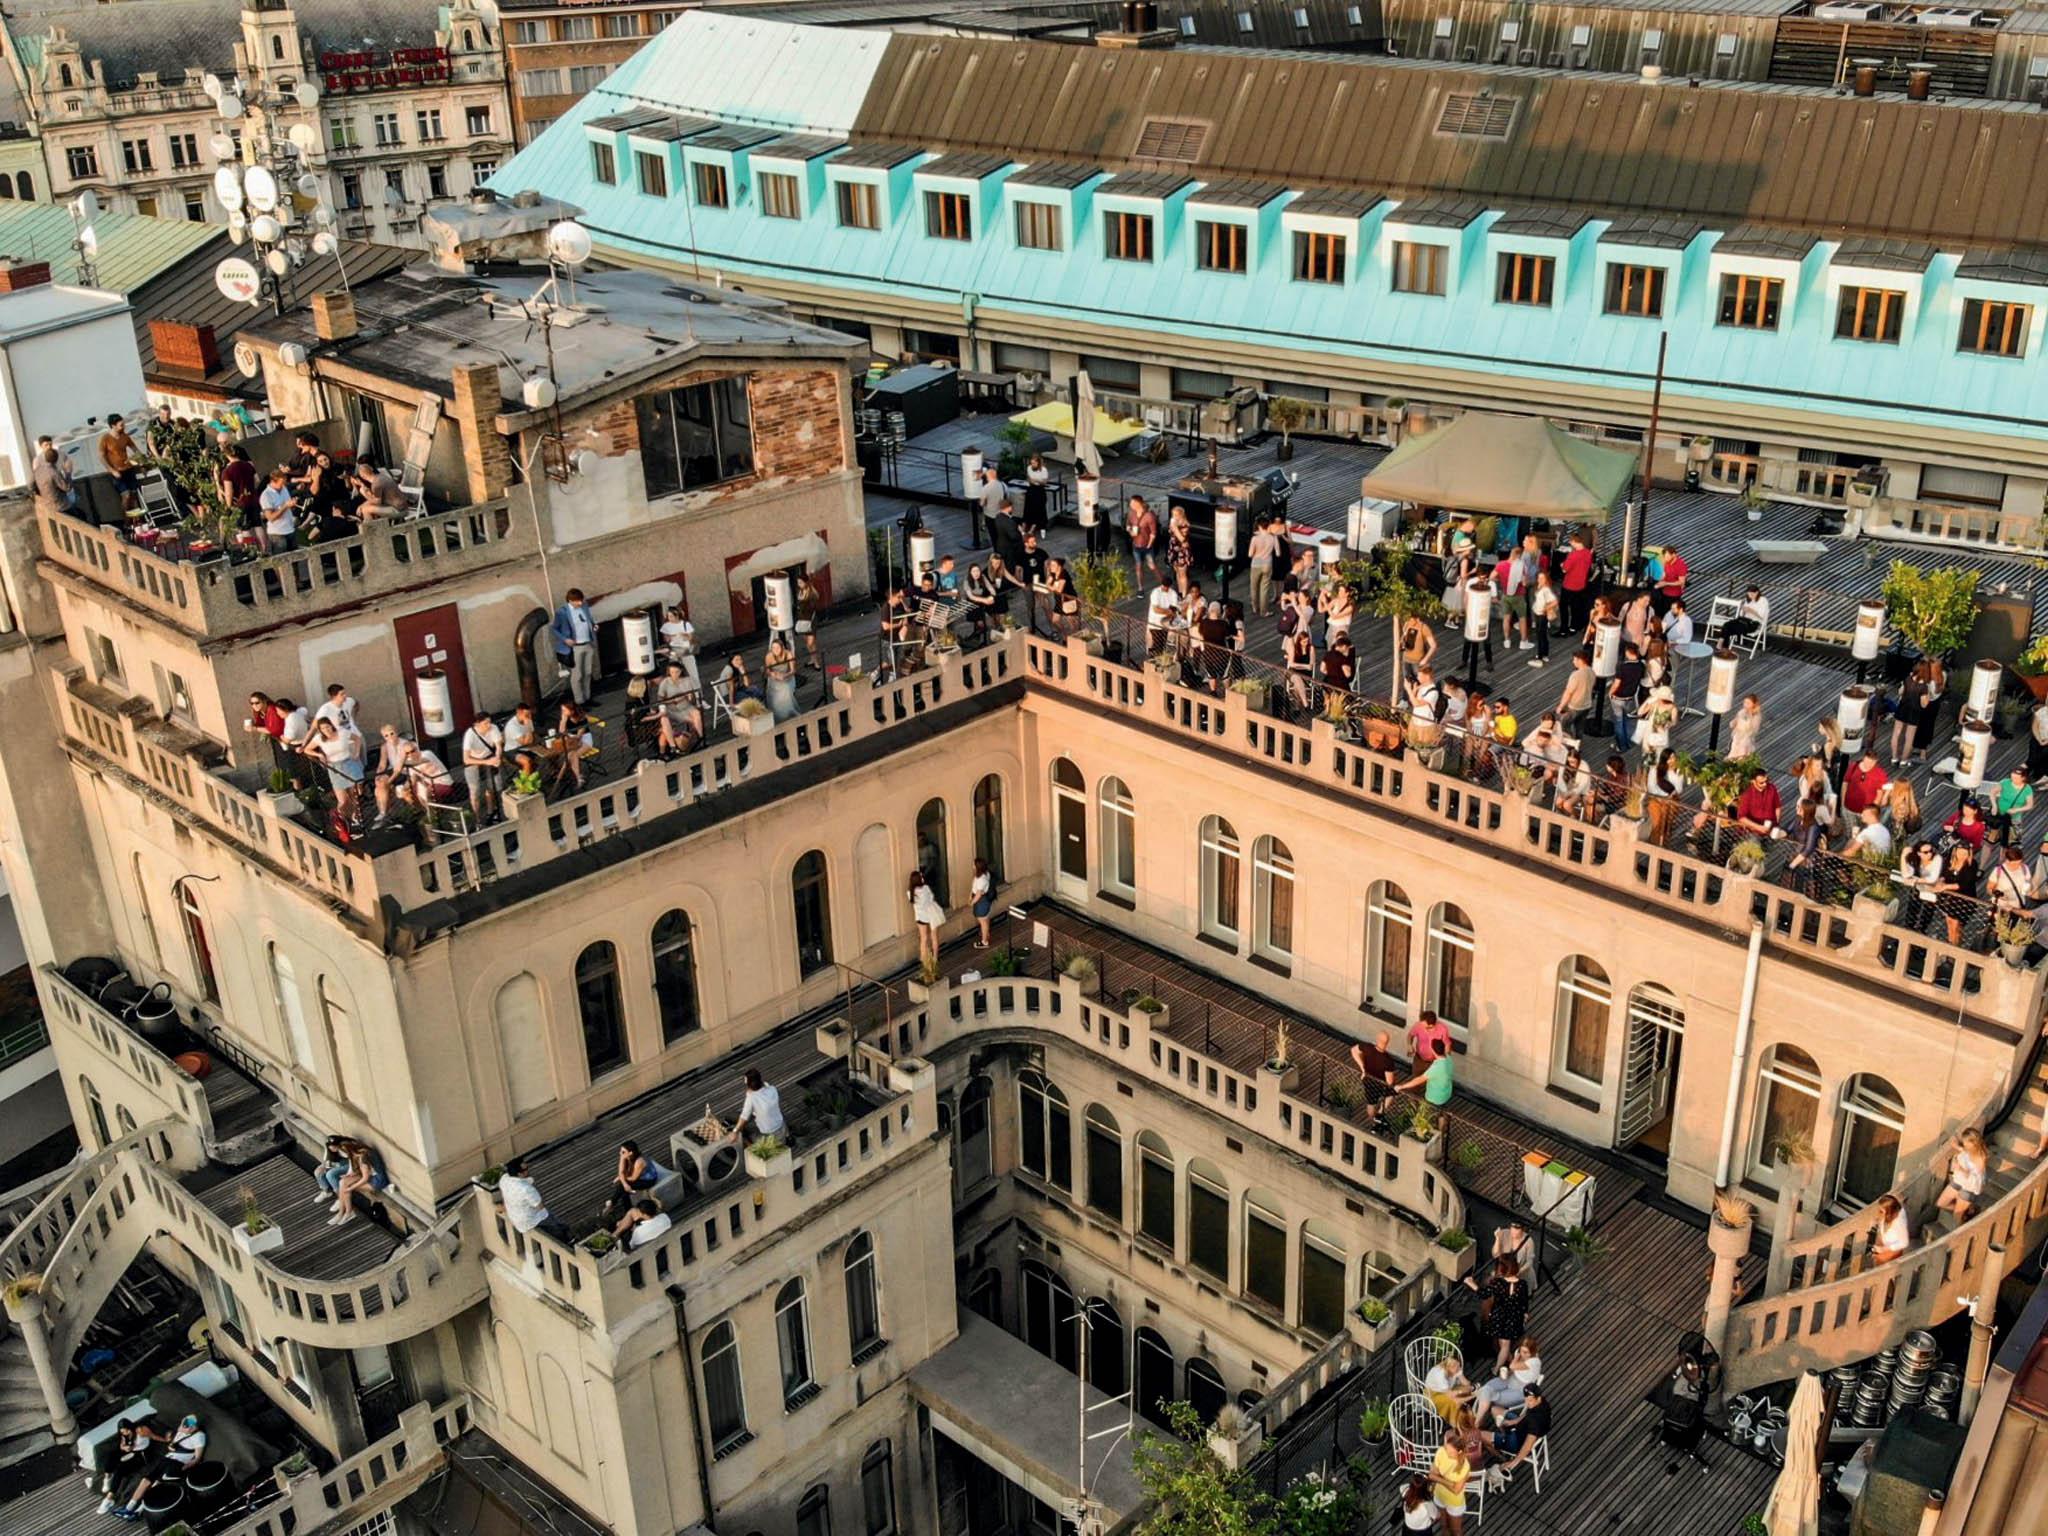 Střecha Lucerny bude letos otevřená celých 69 dní. Bude možné zní sledovat 69 západů slunce, které budou oslaveny 69 hudebními vystoupeními.